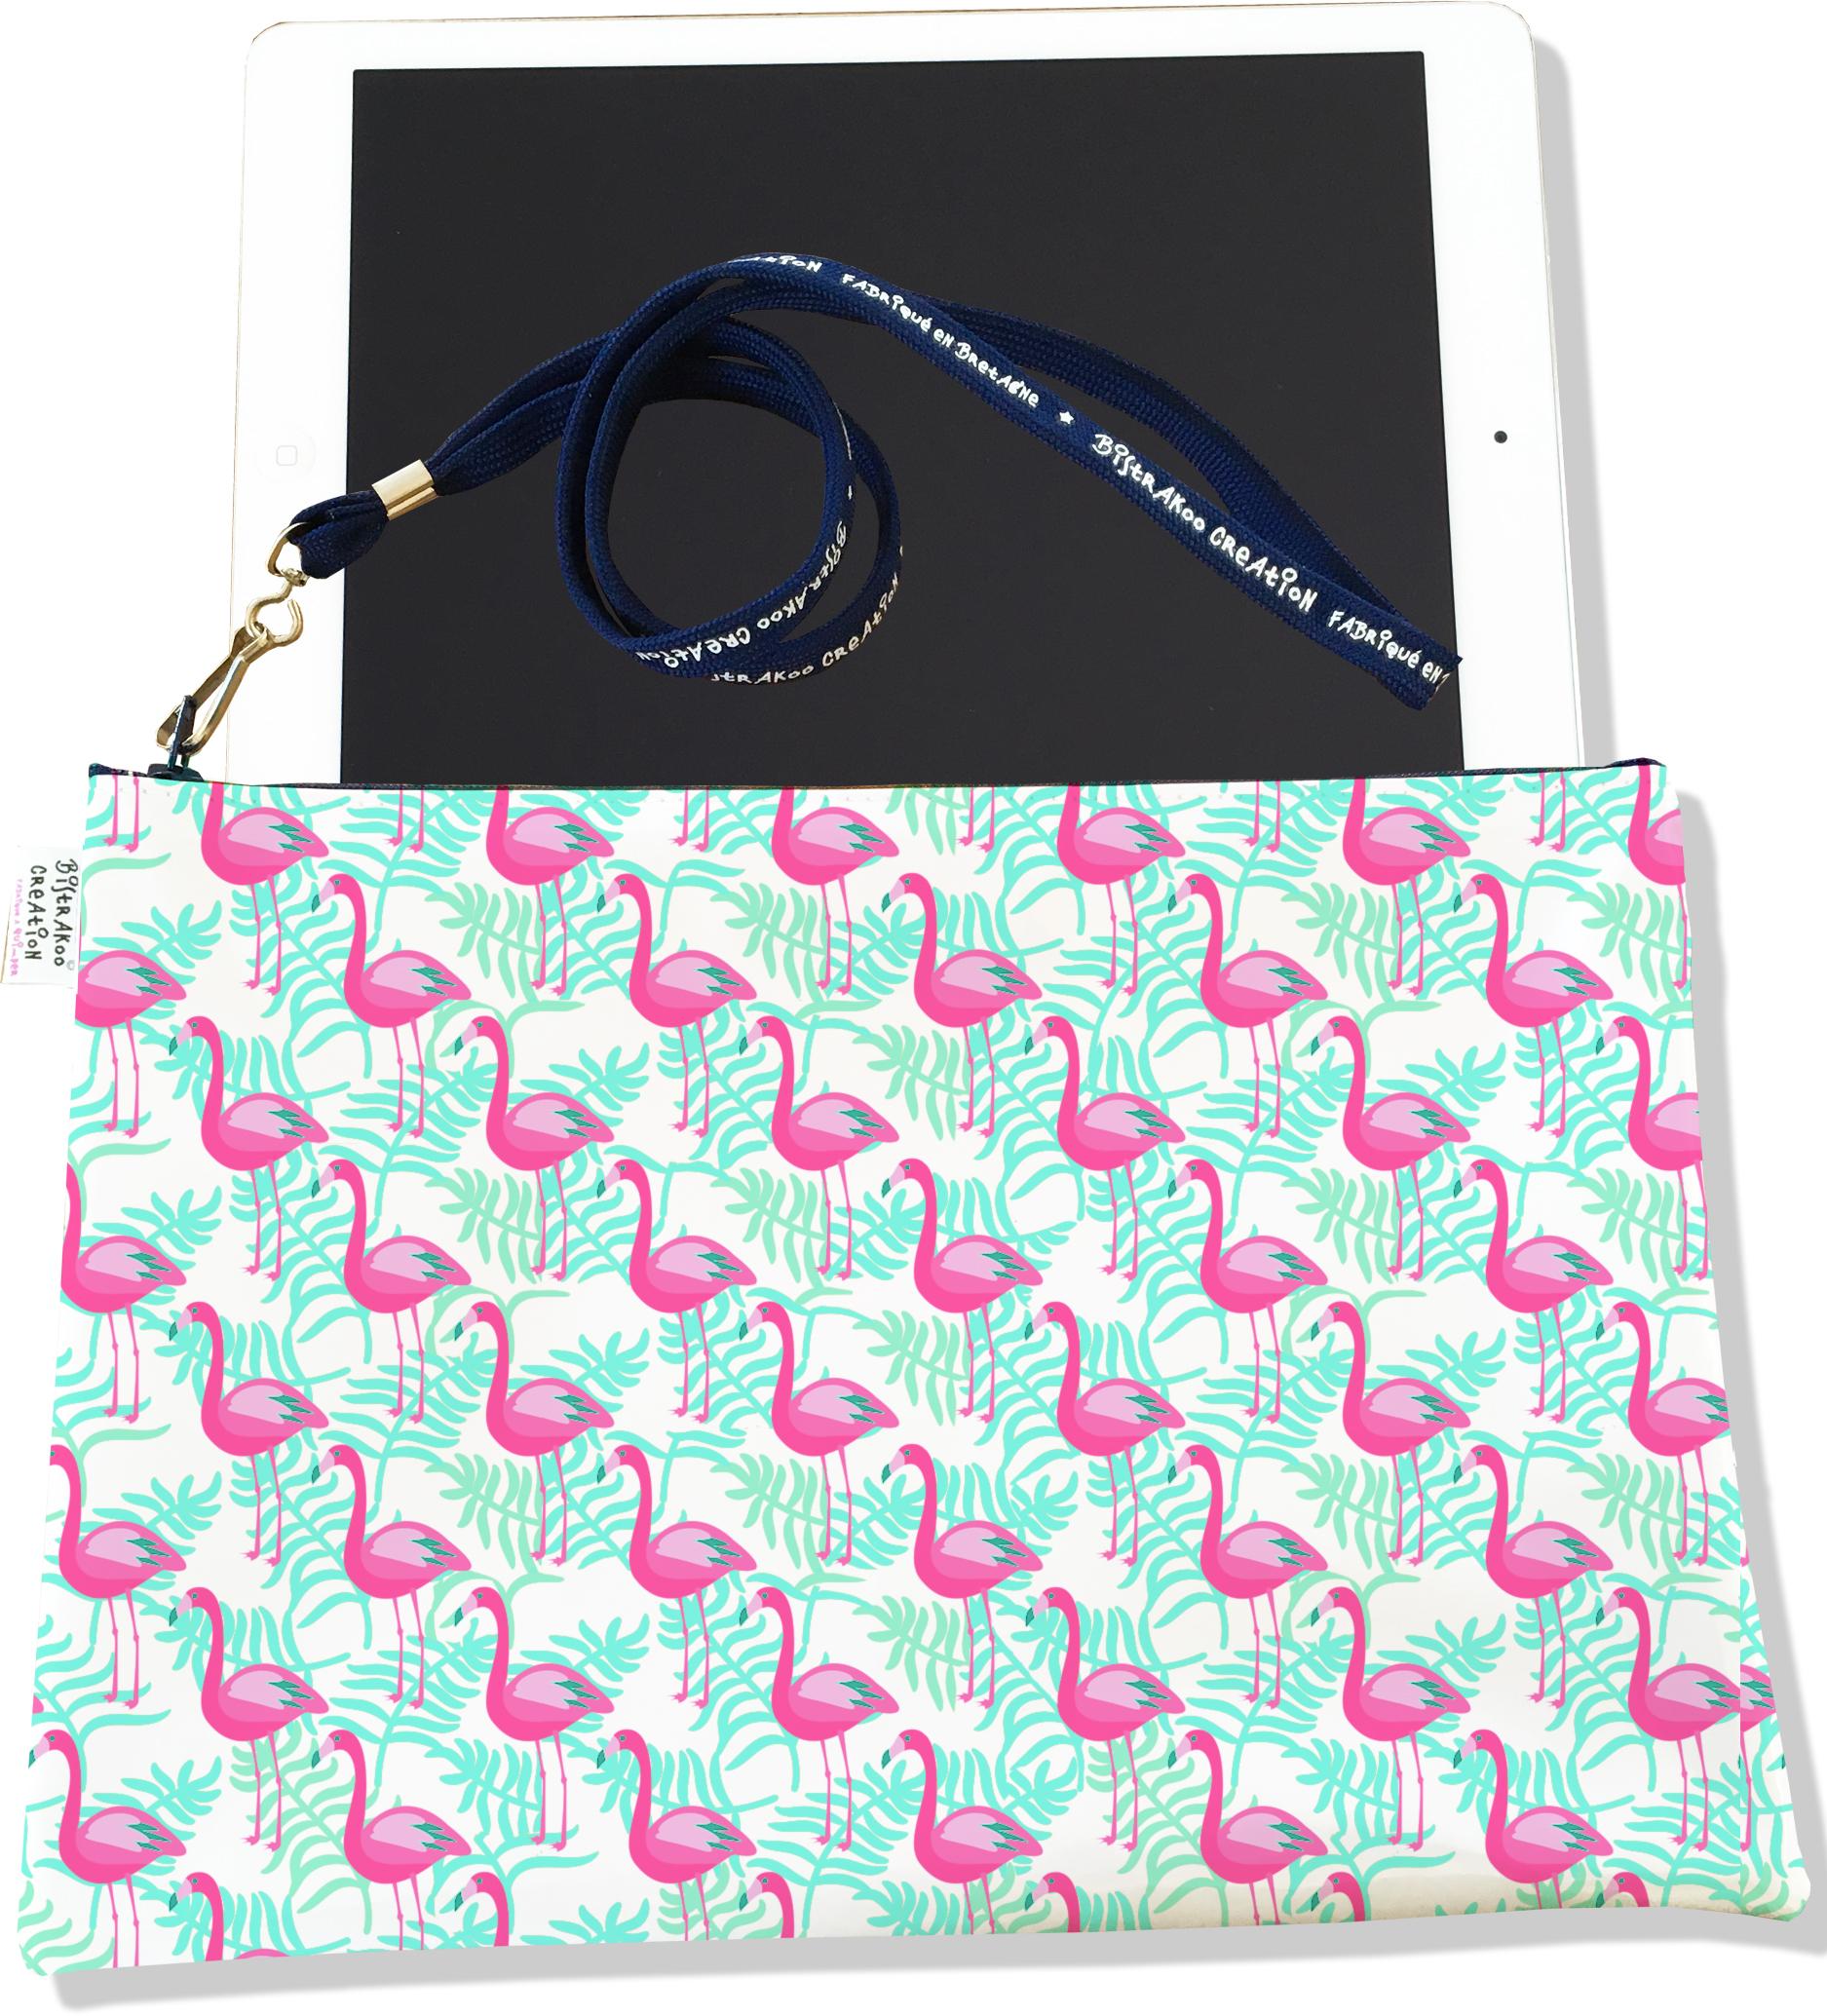 Housse pour tablette pour femme motif Flamants roses feuillage bleu 2542-2016